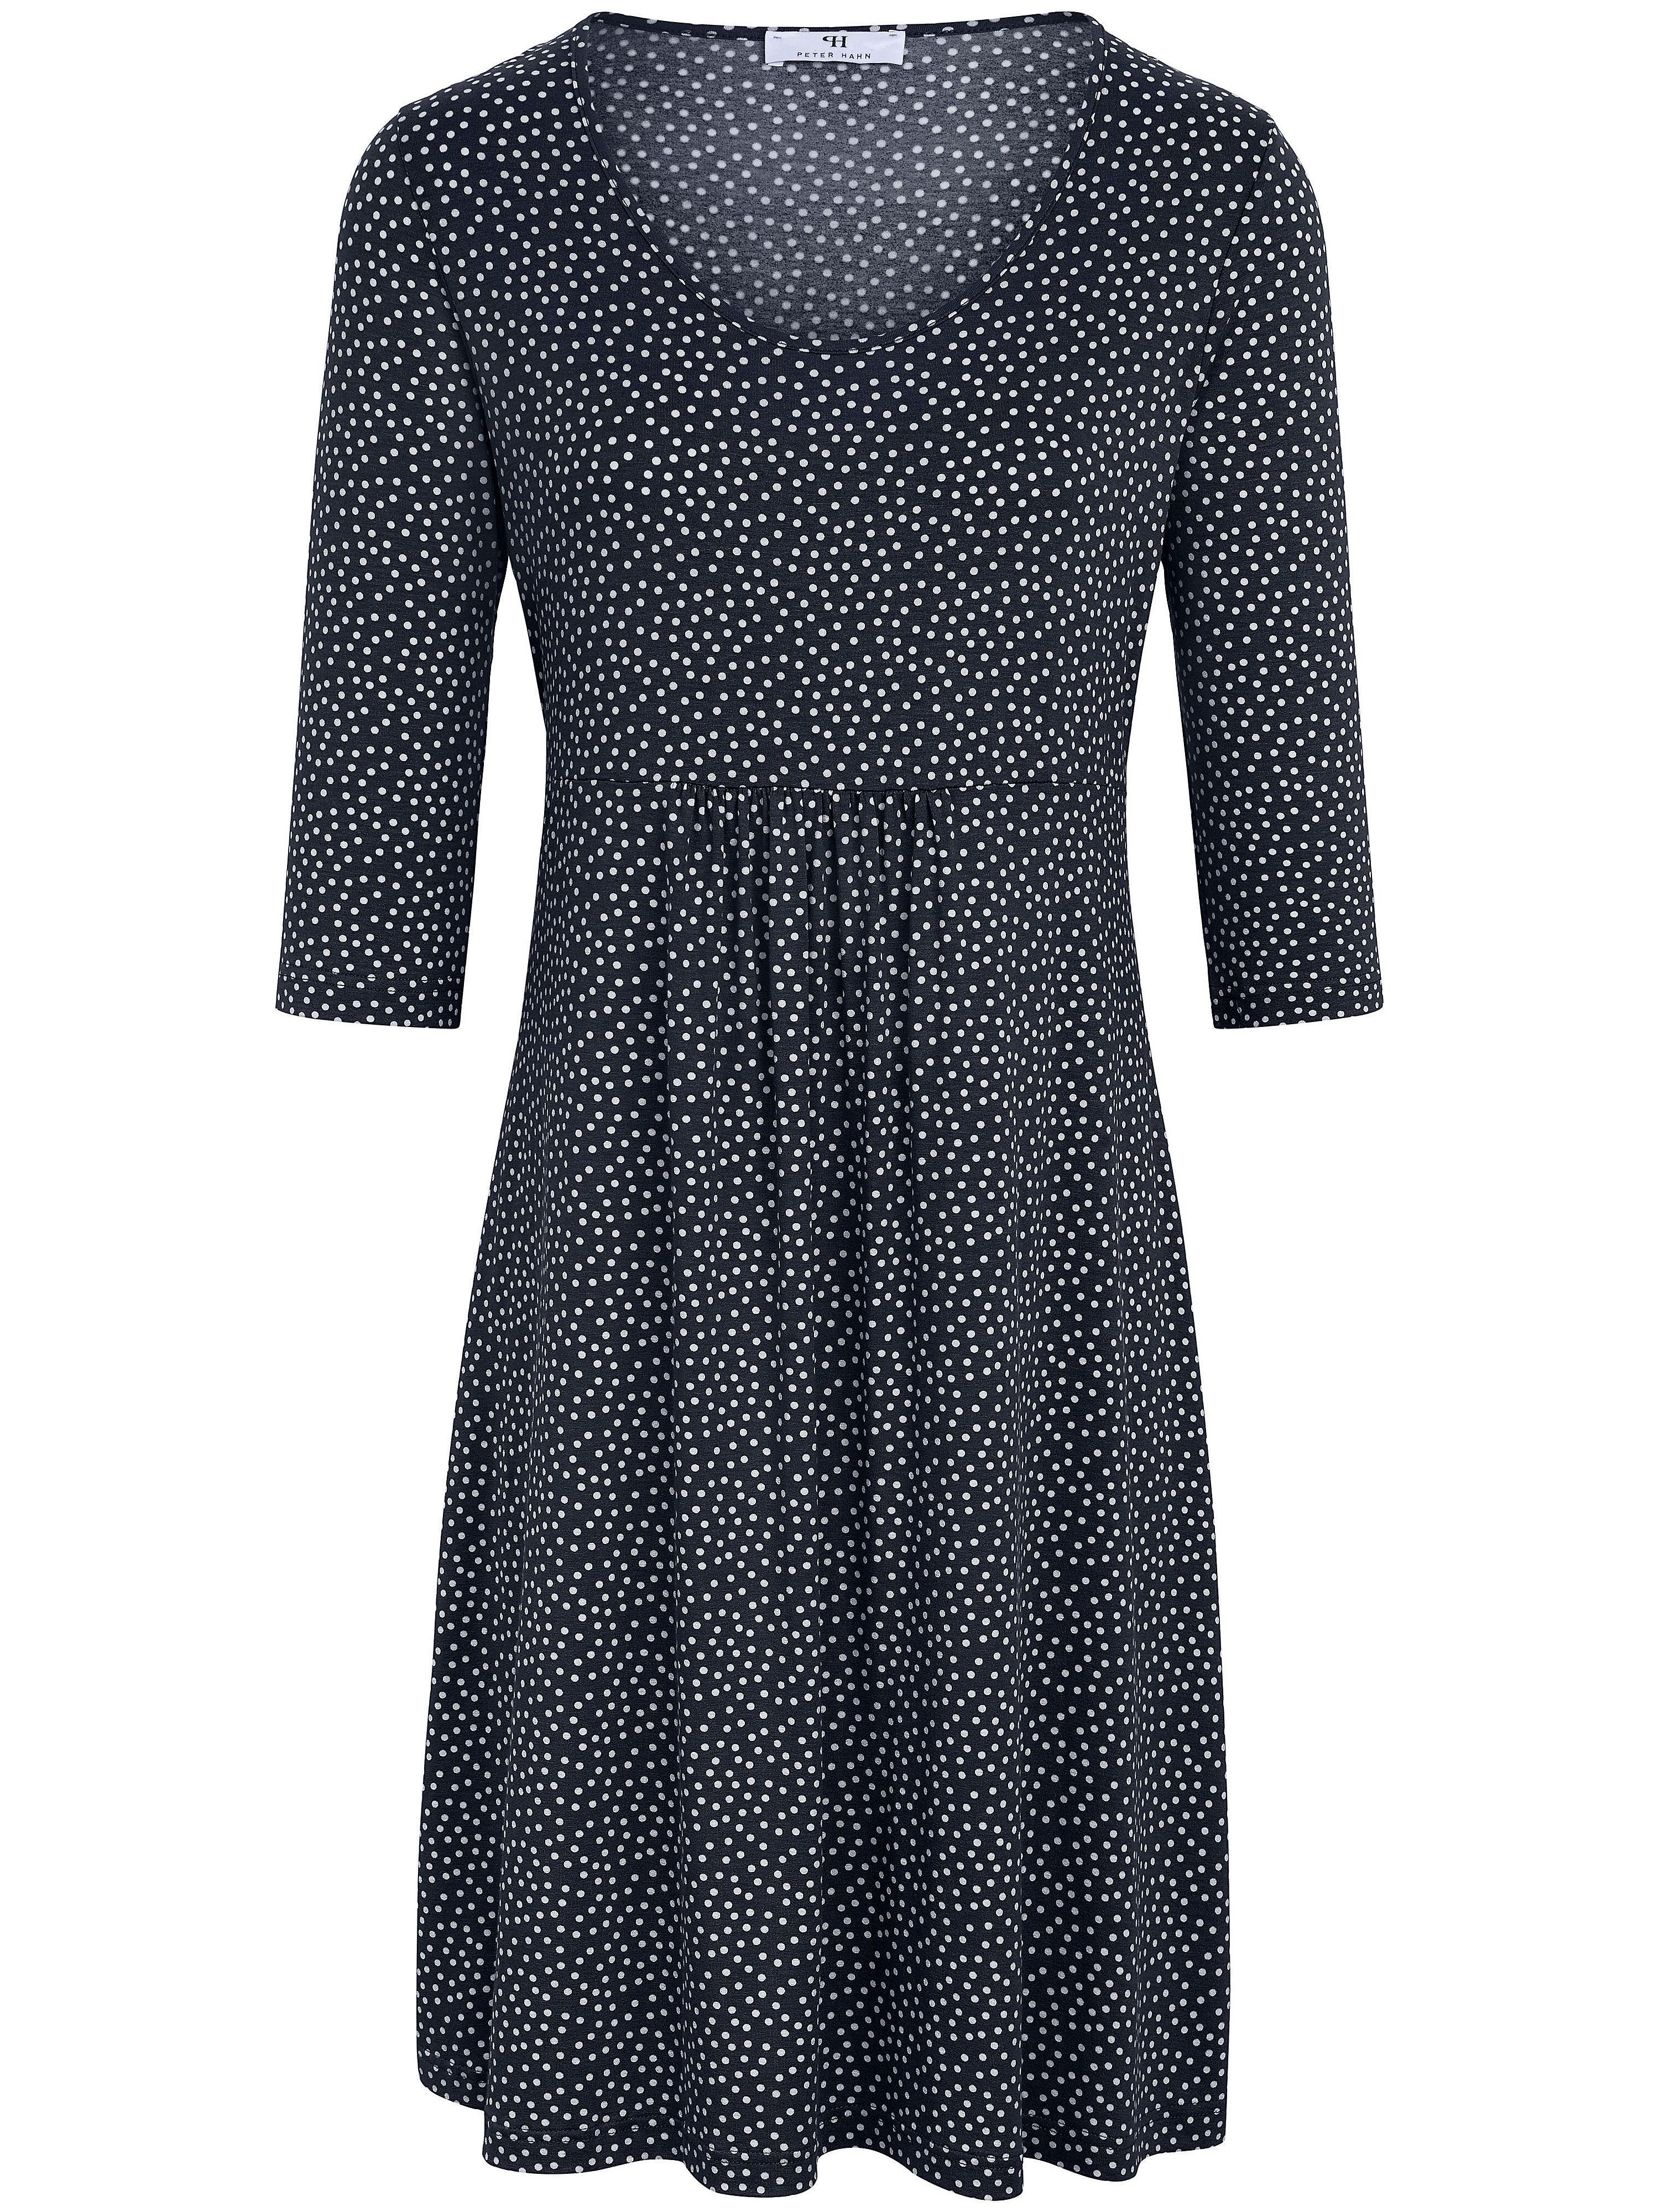 Peter Hahn jurk met 3/4-mouwen blauw